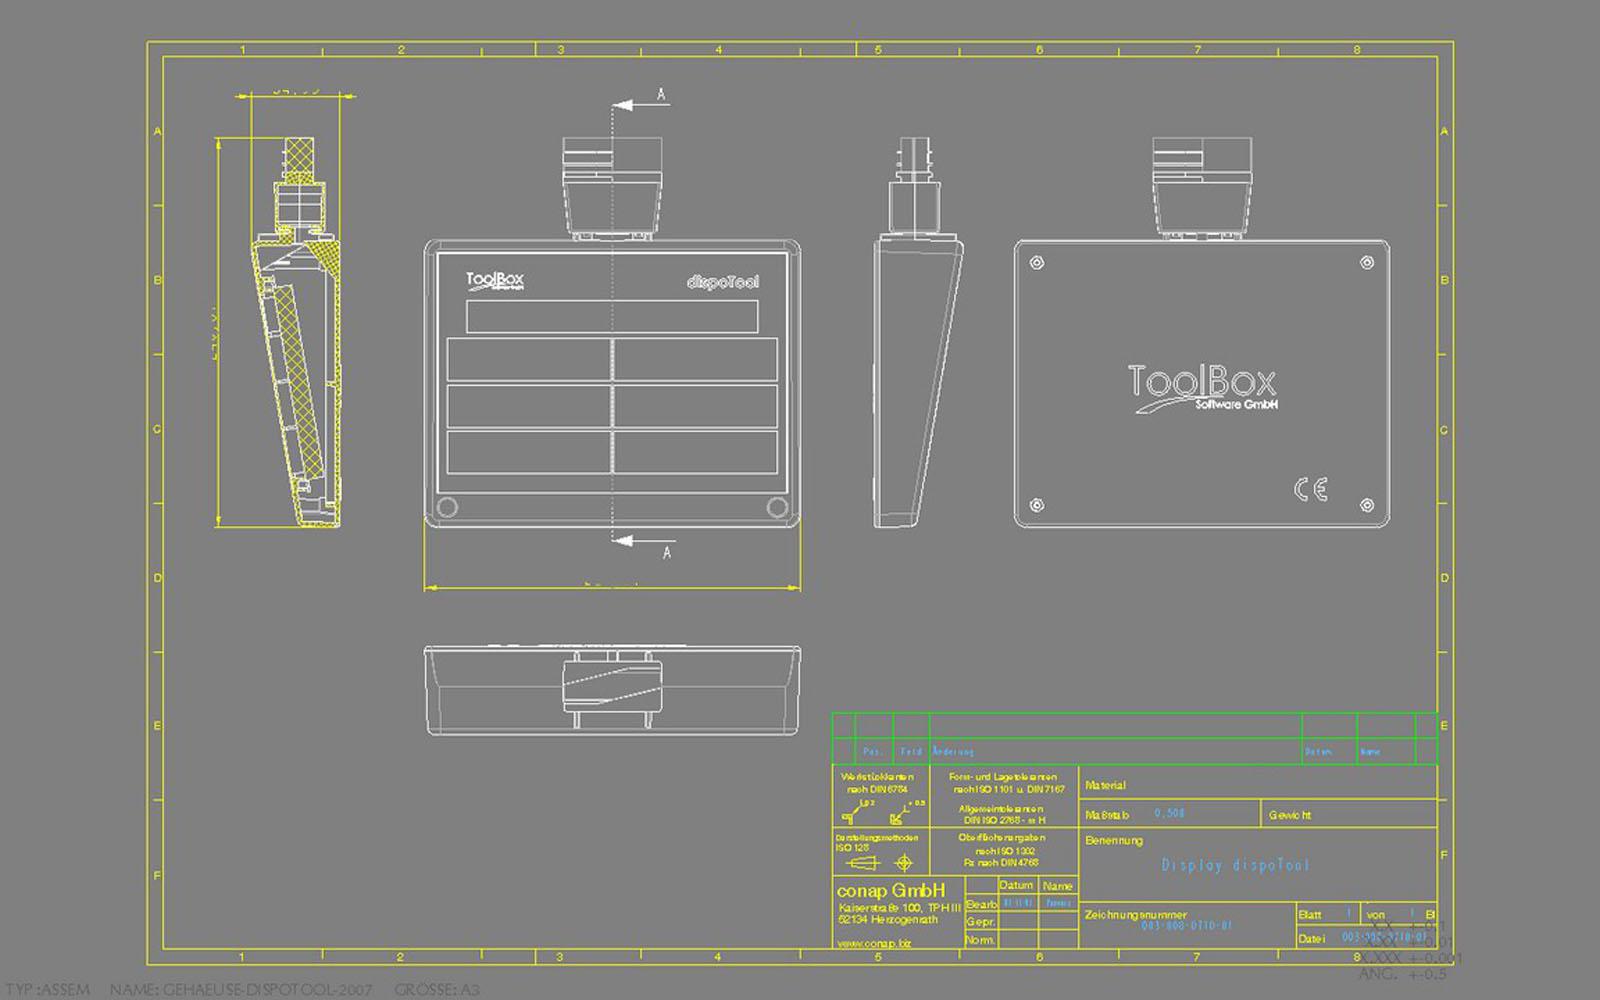 Conap CAD Konstruktionsbüro - CAD Modell einer Toolbox